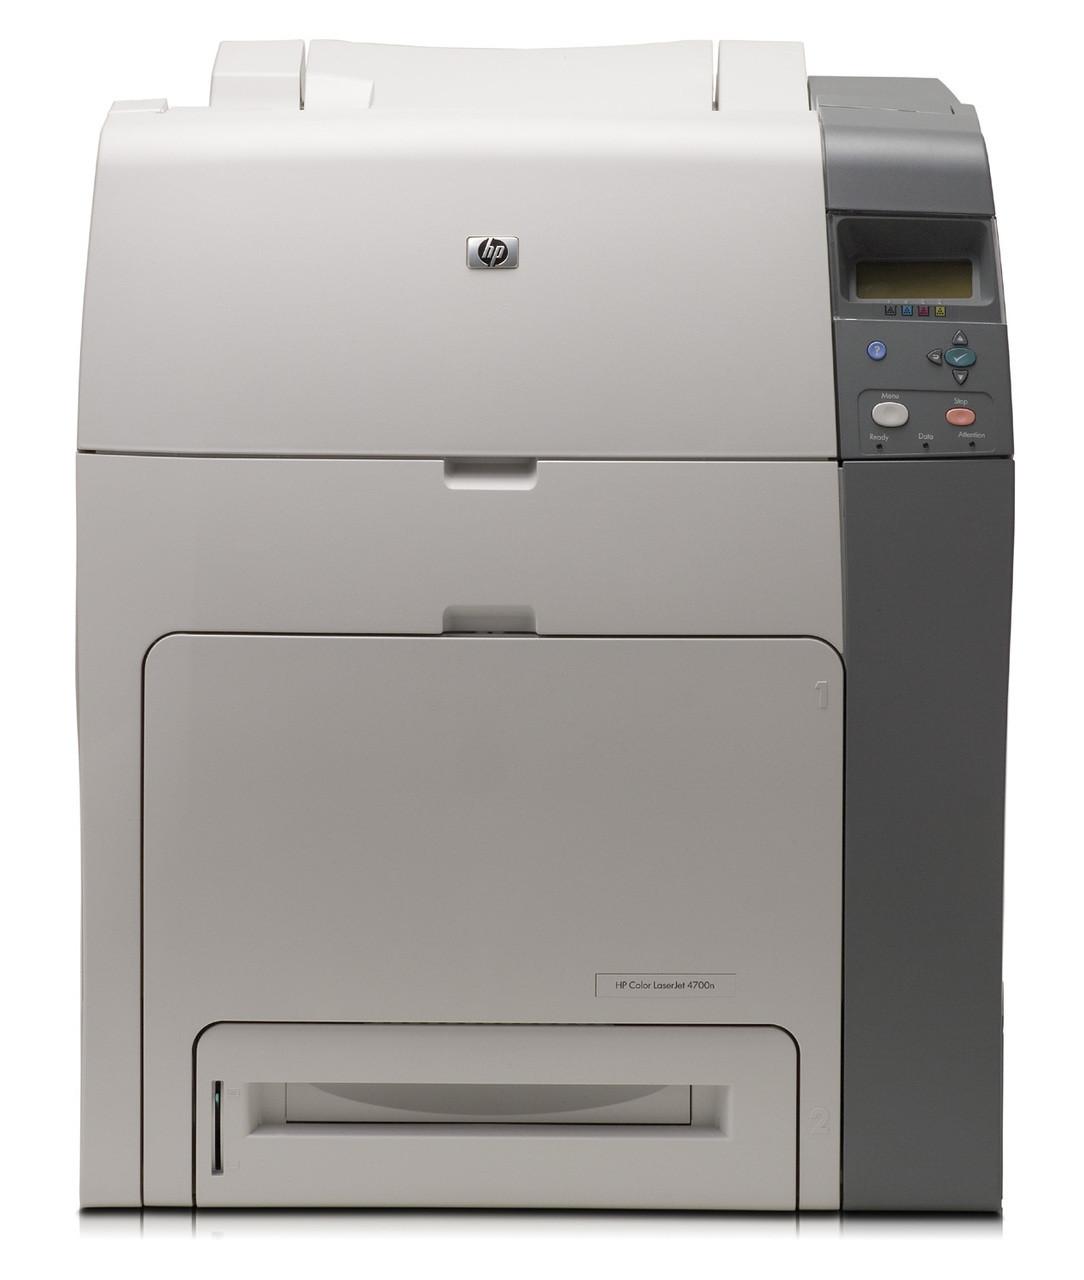 HP Color LaserJet 4700n - Q7492A - HP Laser Printer for sale